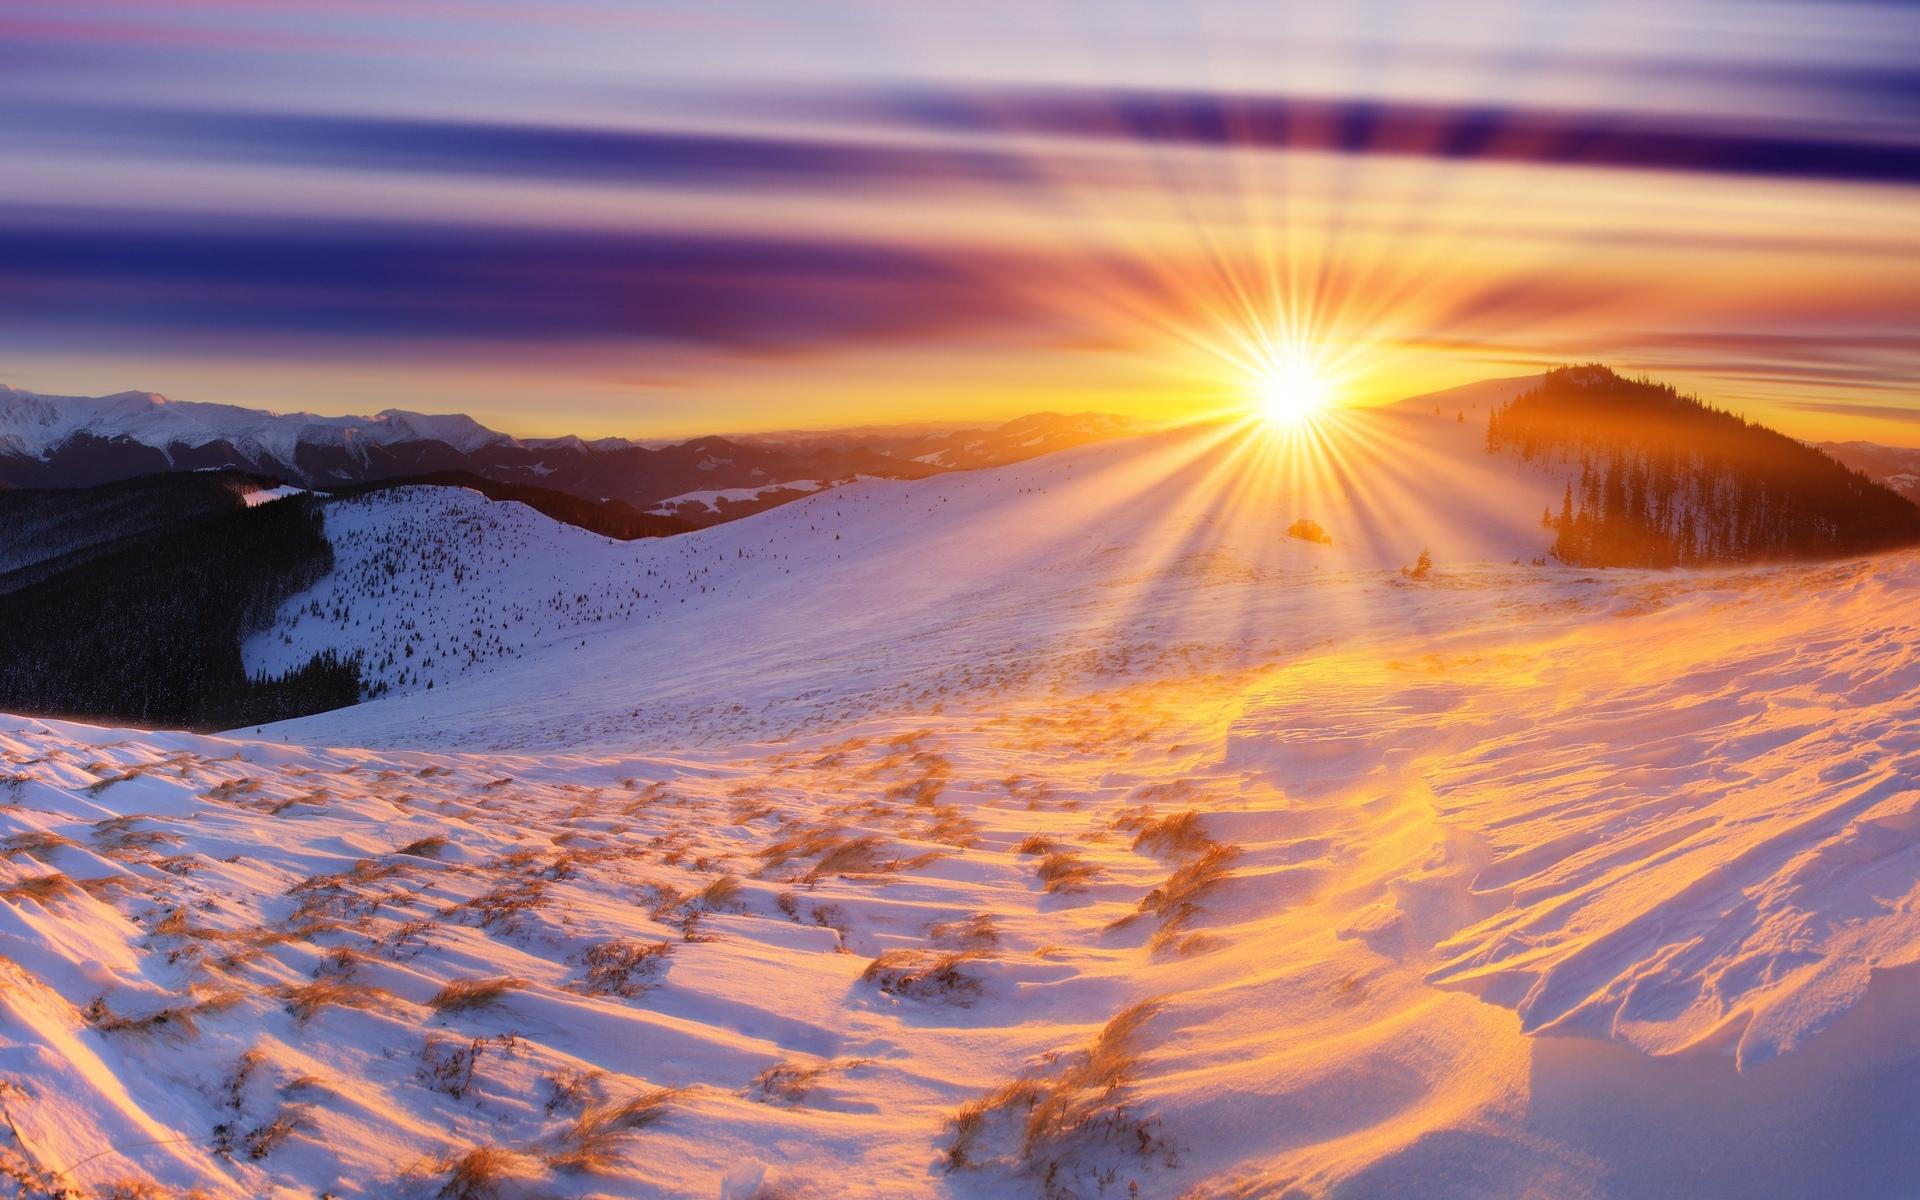 закат над снежной степью  № 831920 бесплатно